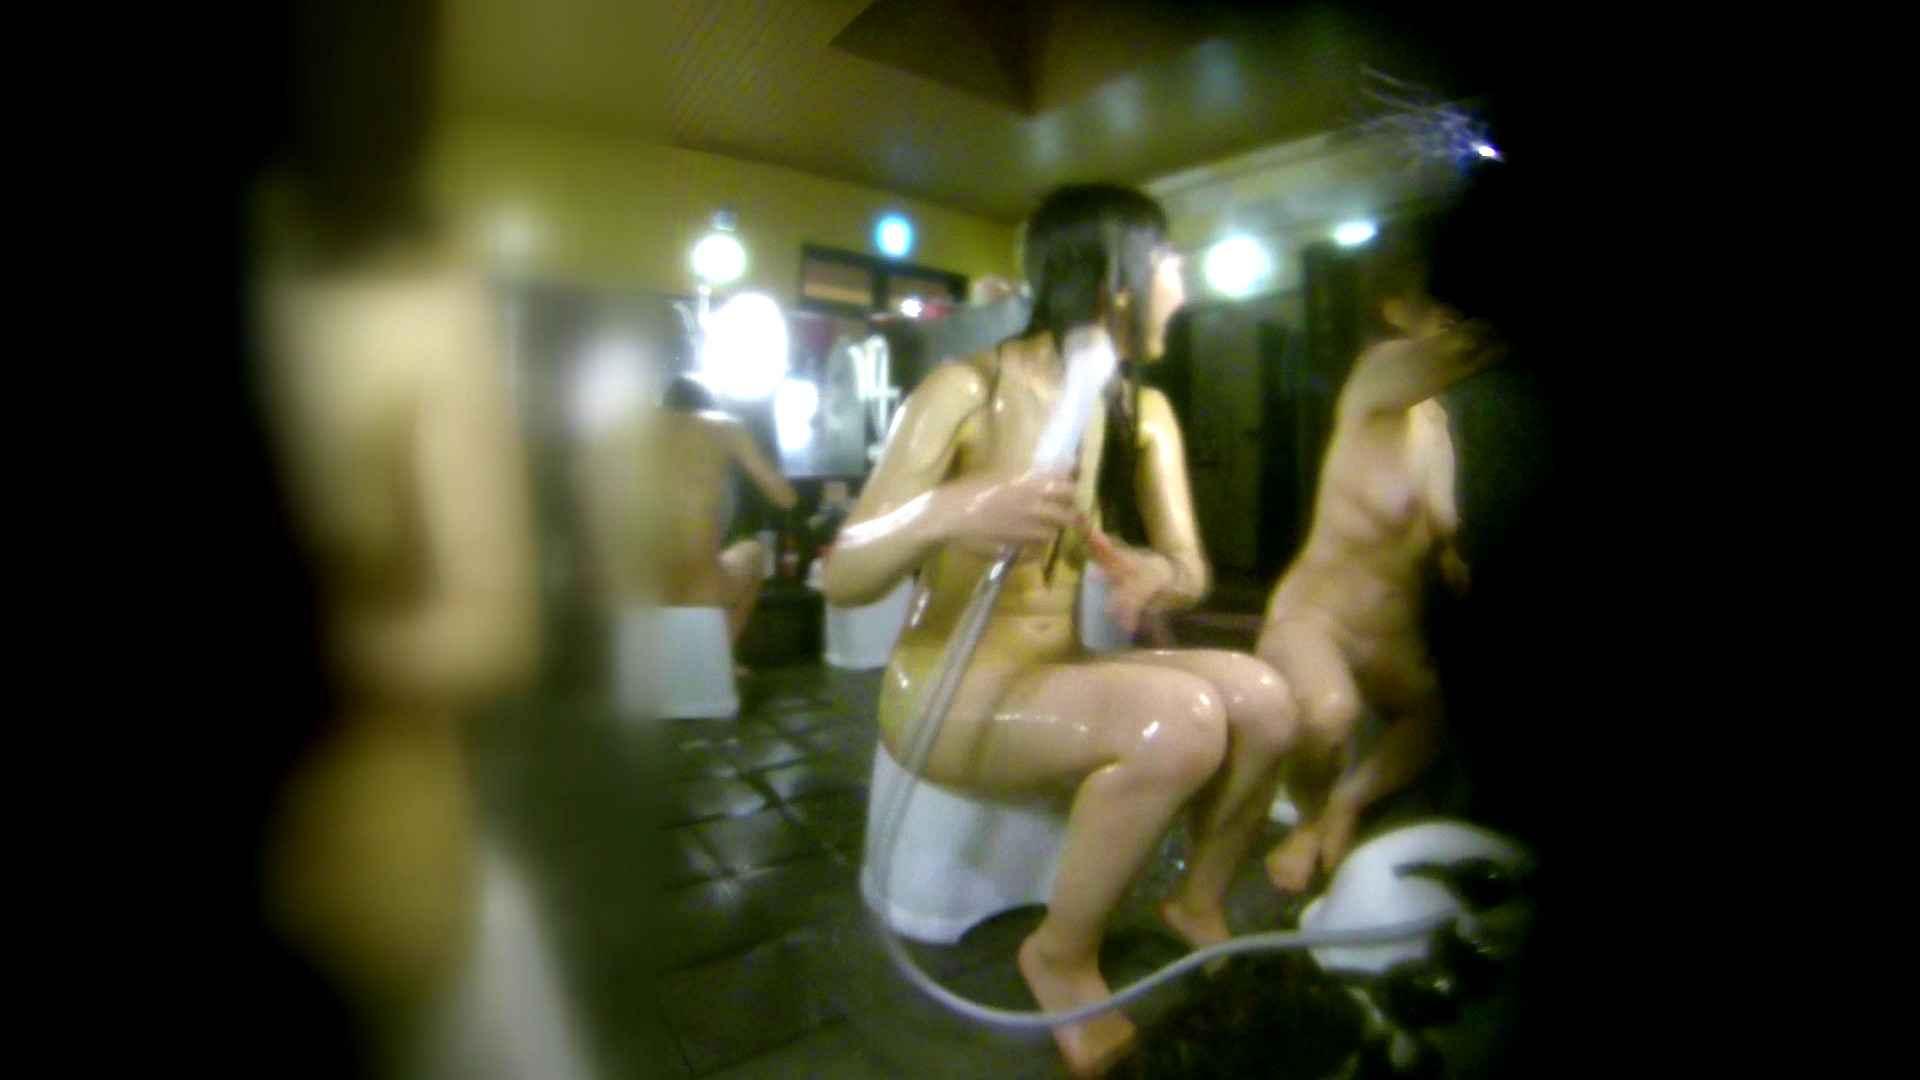 洗い場!右足の位置がいいですね。陰毛もっさり! 潜入 オメコ動画キャプチャ 111画像 82